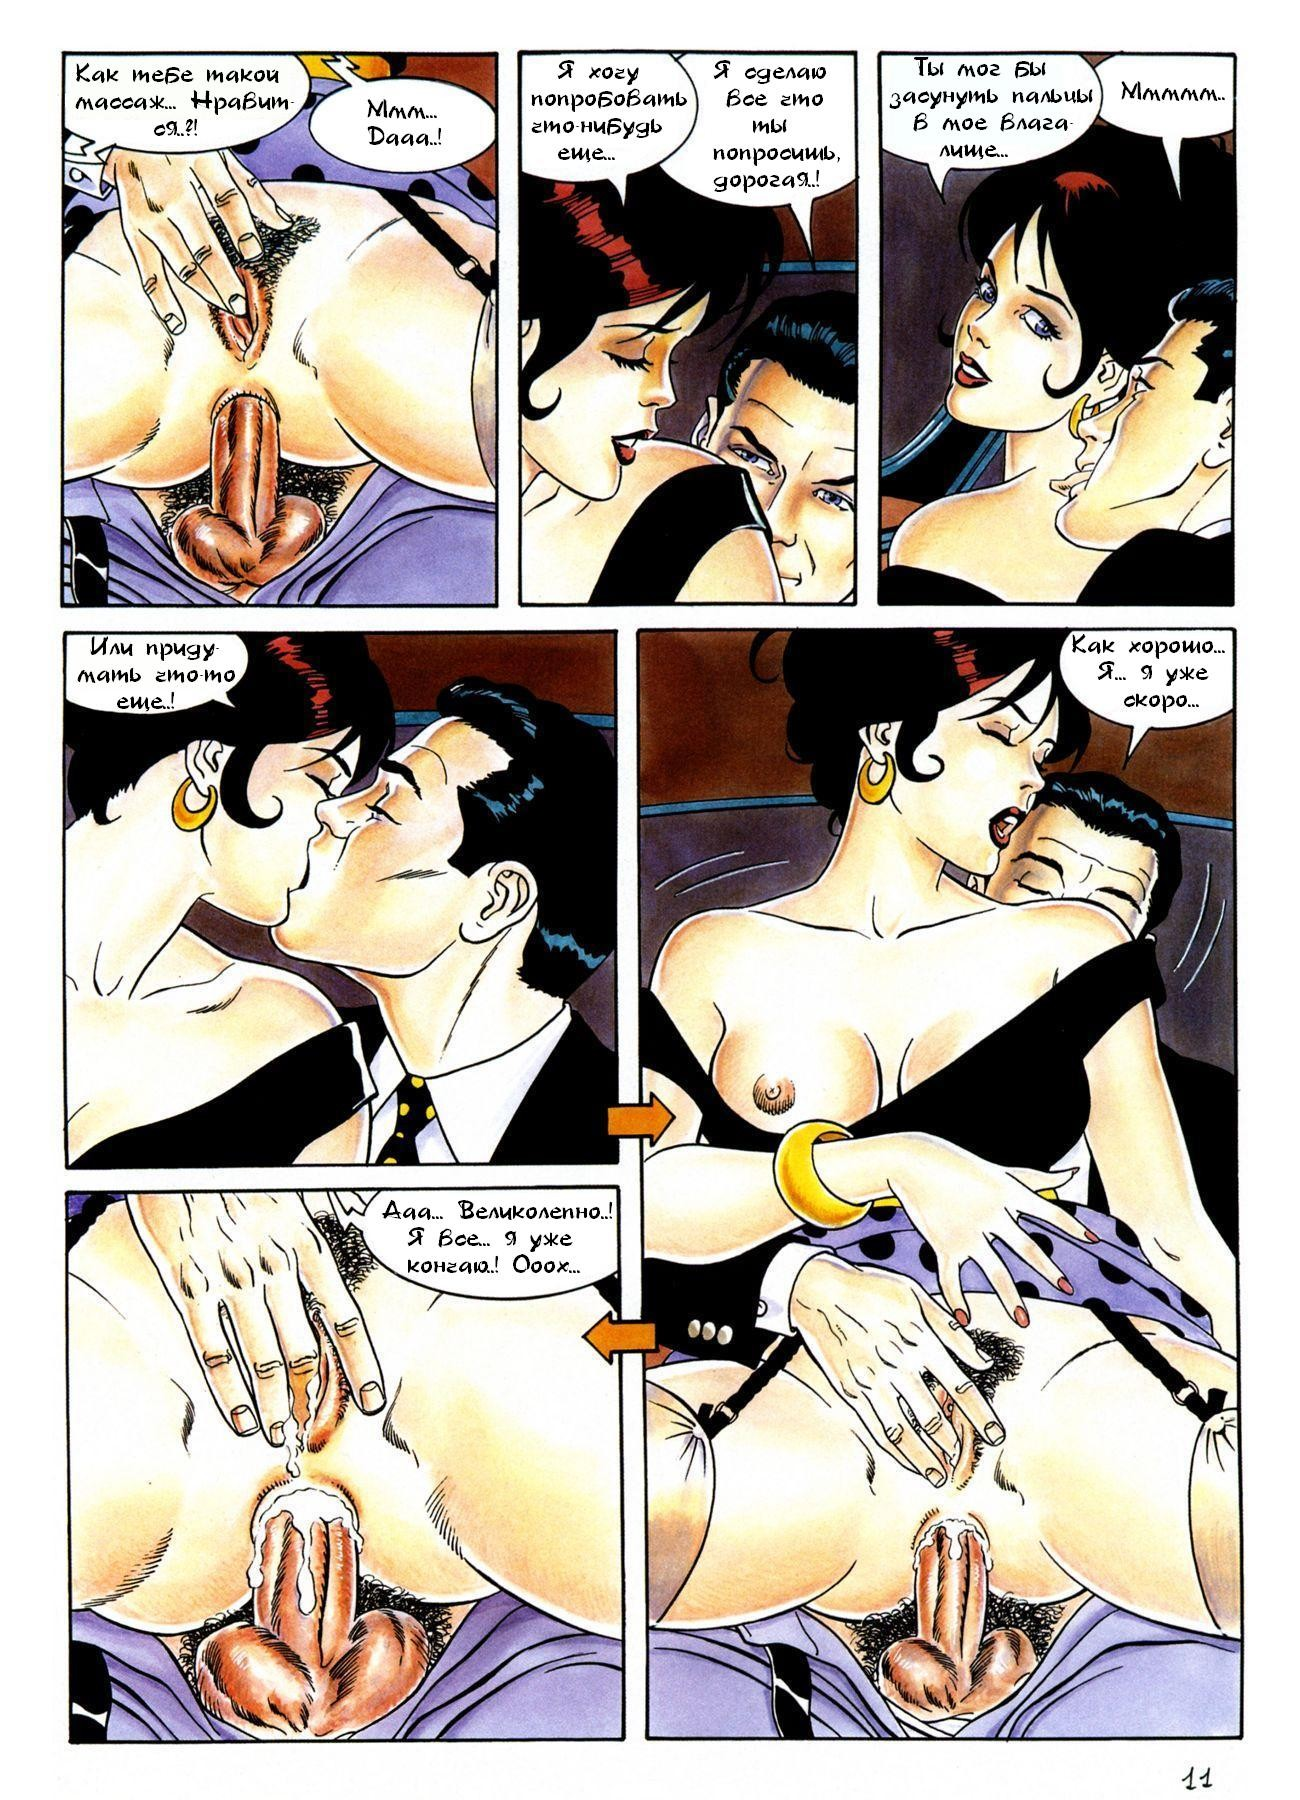 komiksi-pro-perviy-seks